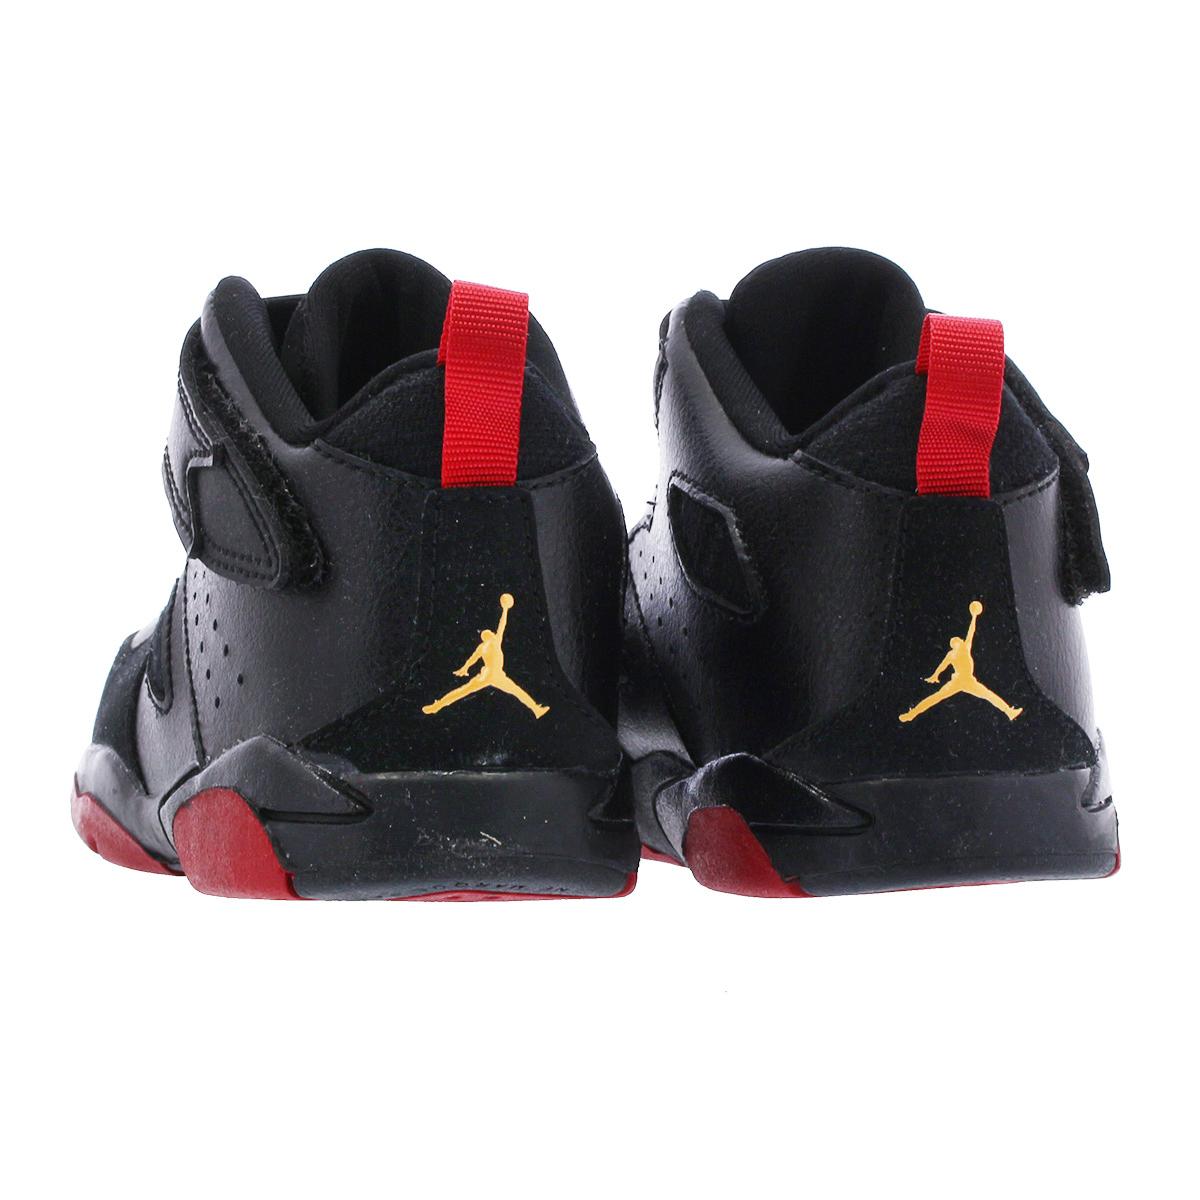 5f4028b9670ff ... NIKE JORDAN FLIGHT CLUB 91 TD Nike Jordan flight club 91 TD BLACK RED  555